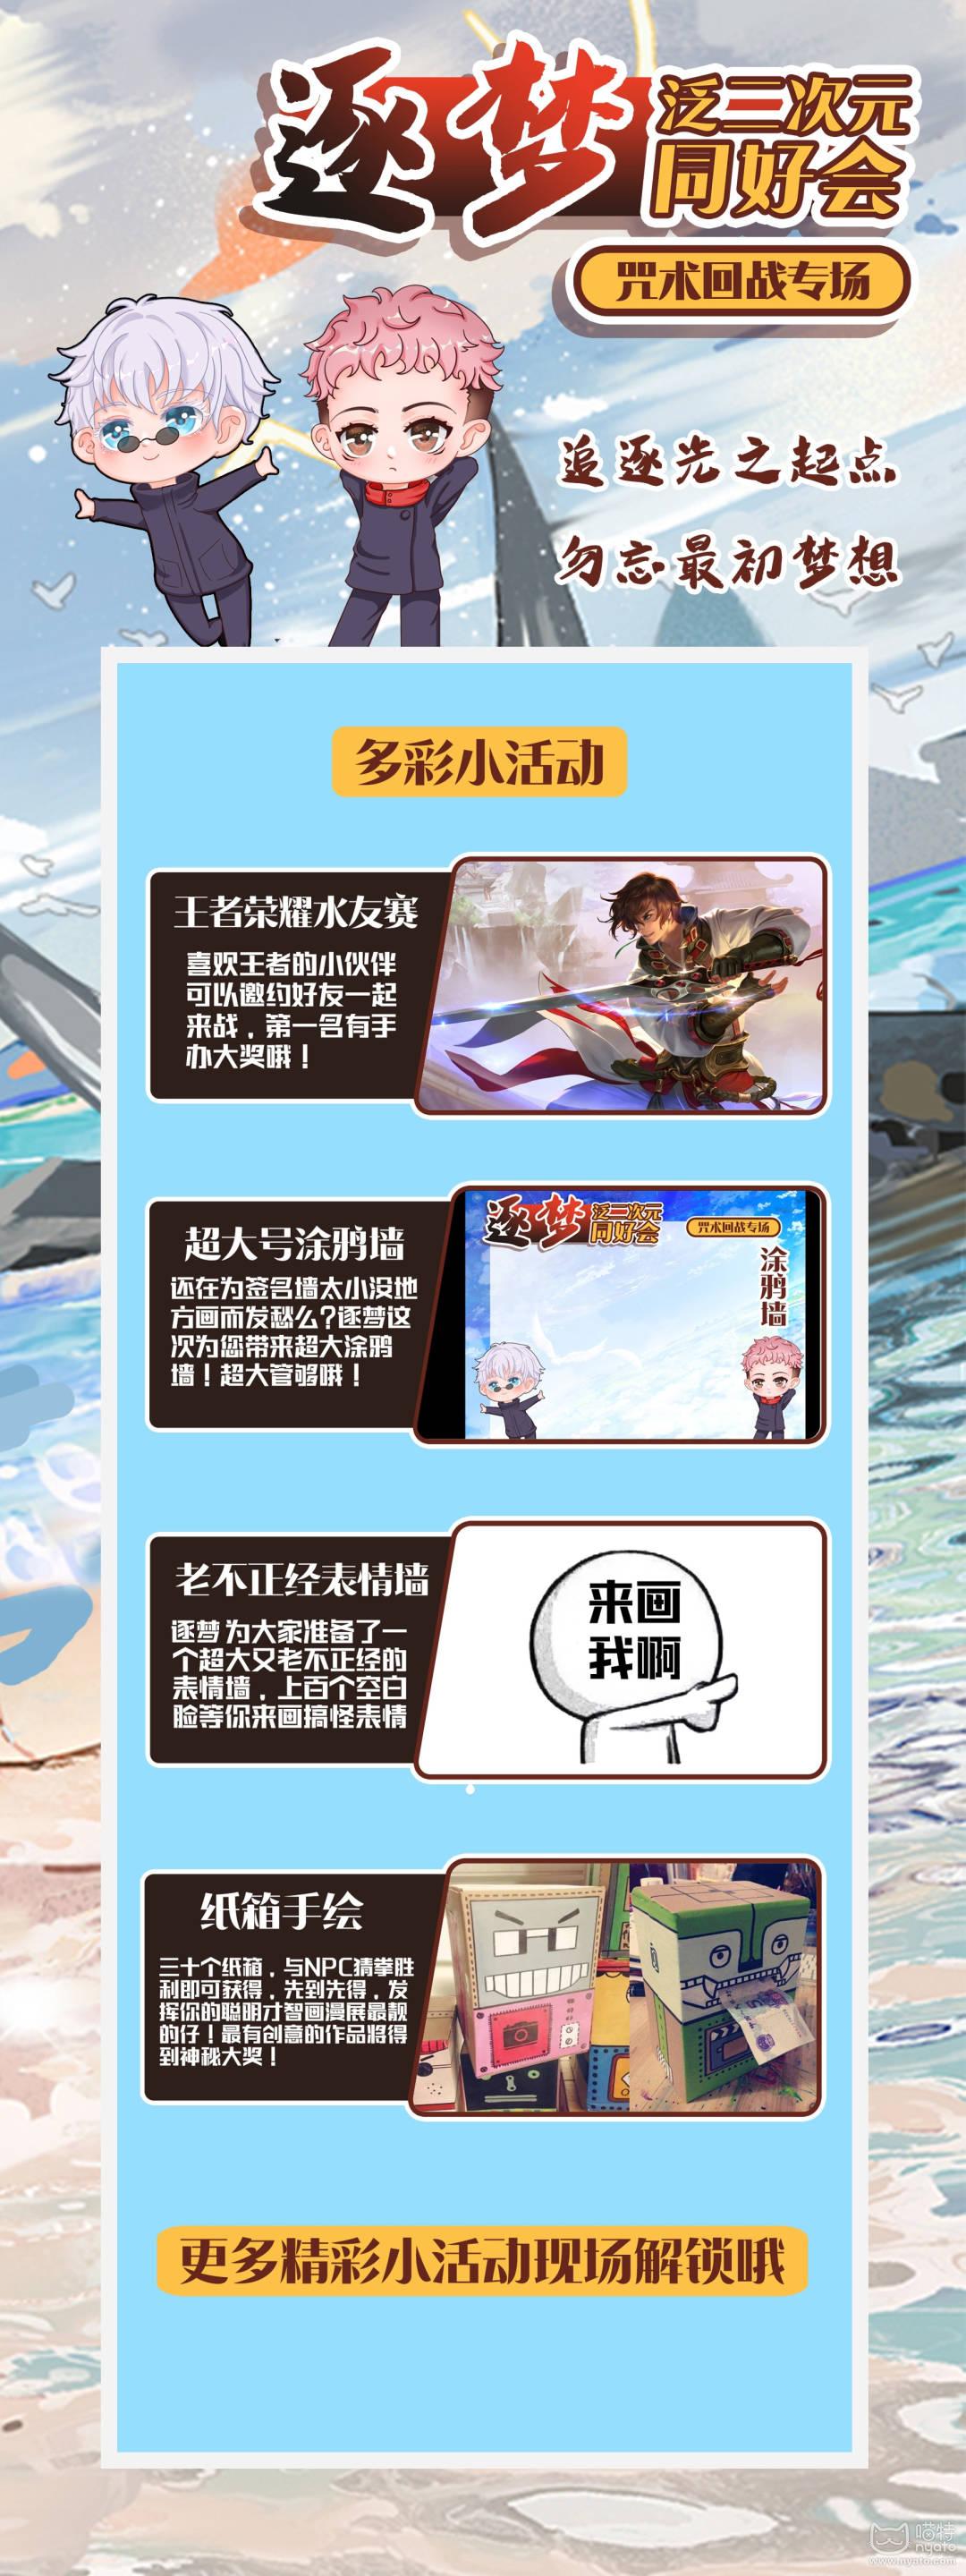 模板·小活动_conew1.jpg